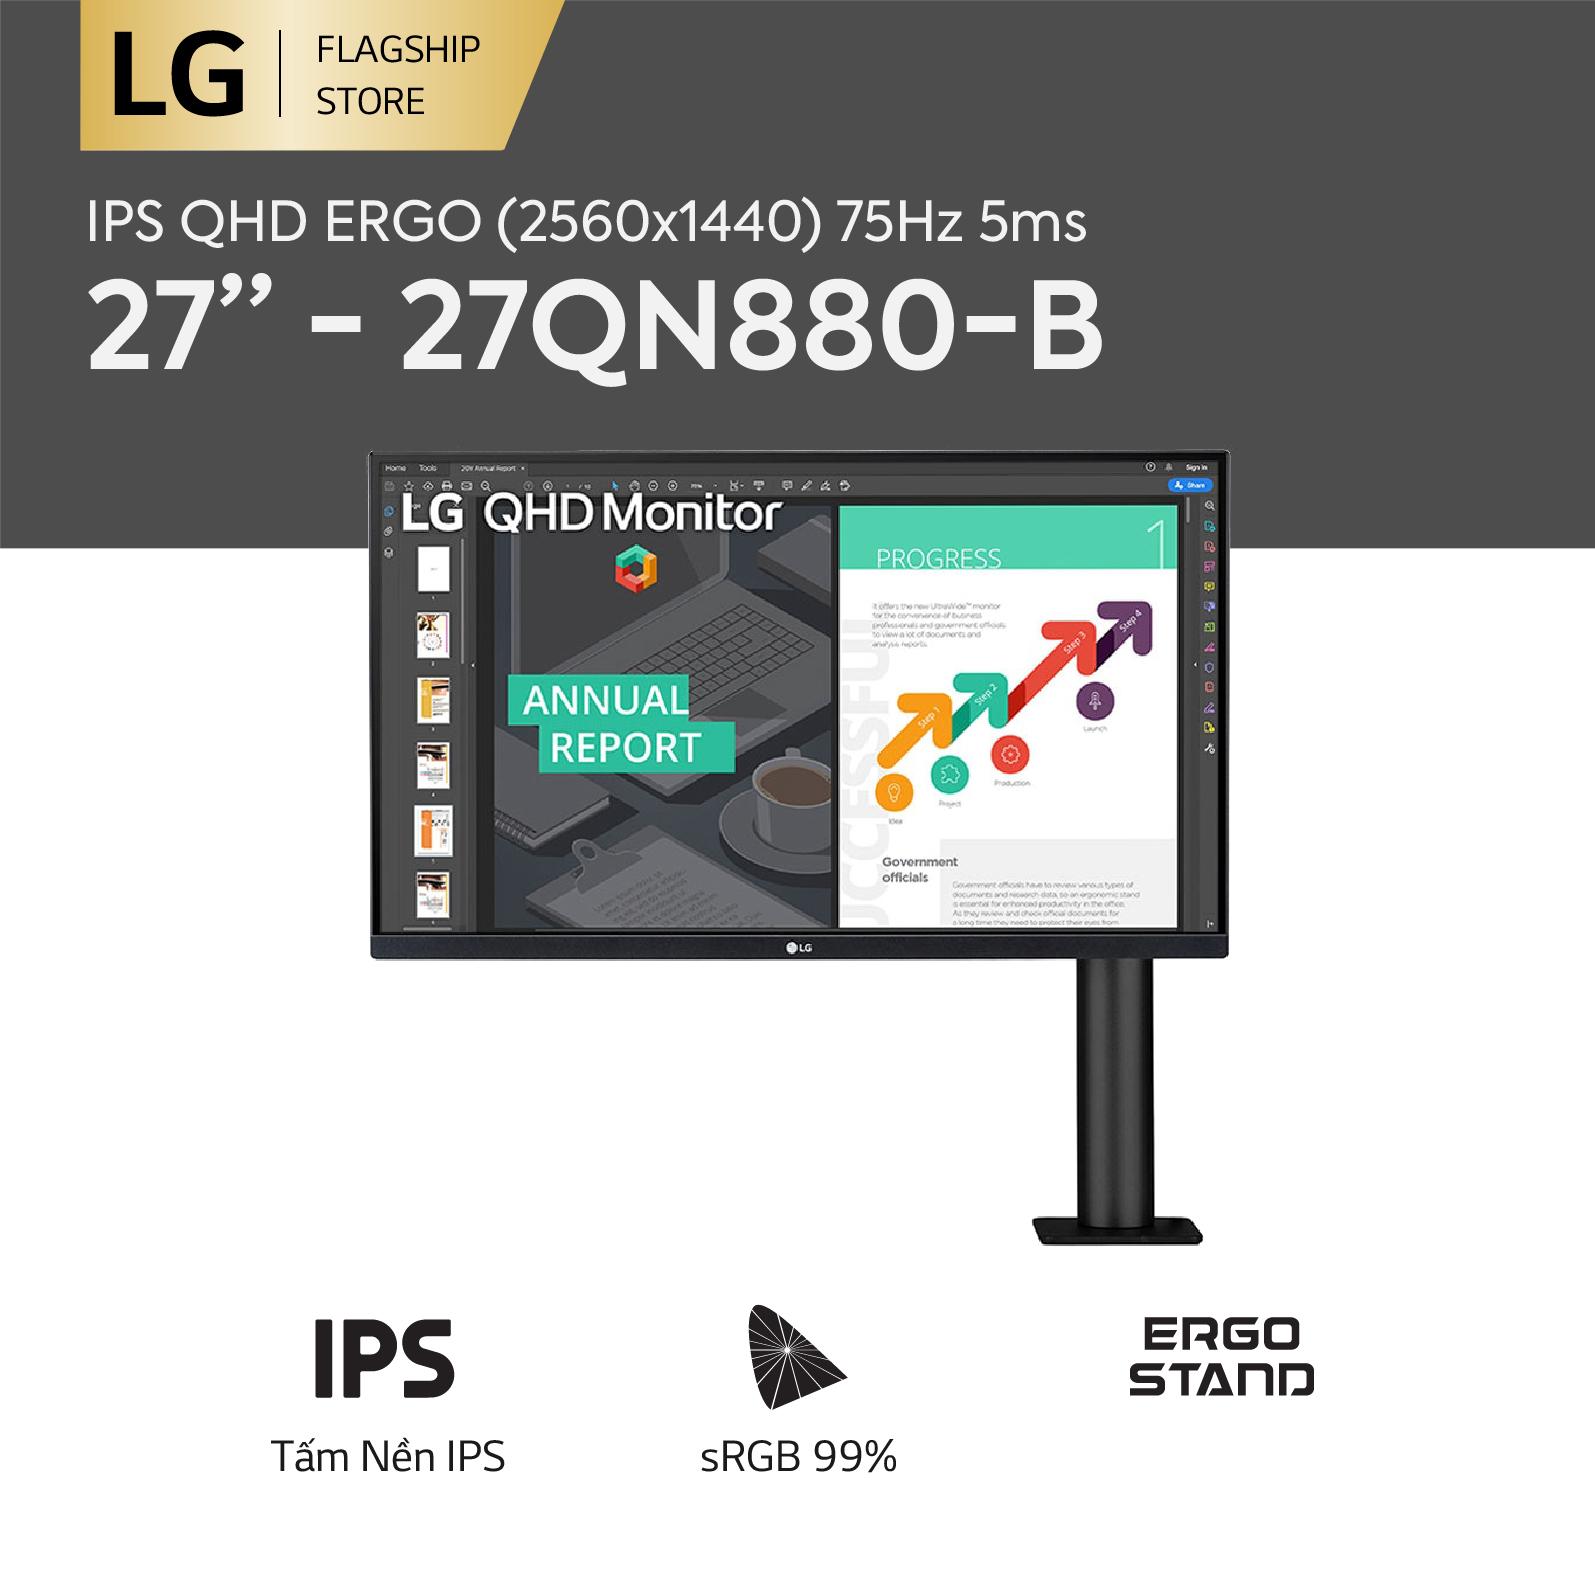 [TRẢ GÓP 0%] Màn hình máy tính LG IPS QHD ERGO (2560x1440) 75Hz 5ms 27 inches l 27QN880-B l HÀNG CHÍNH HÃNG